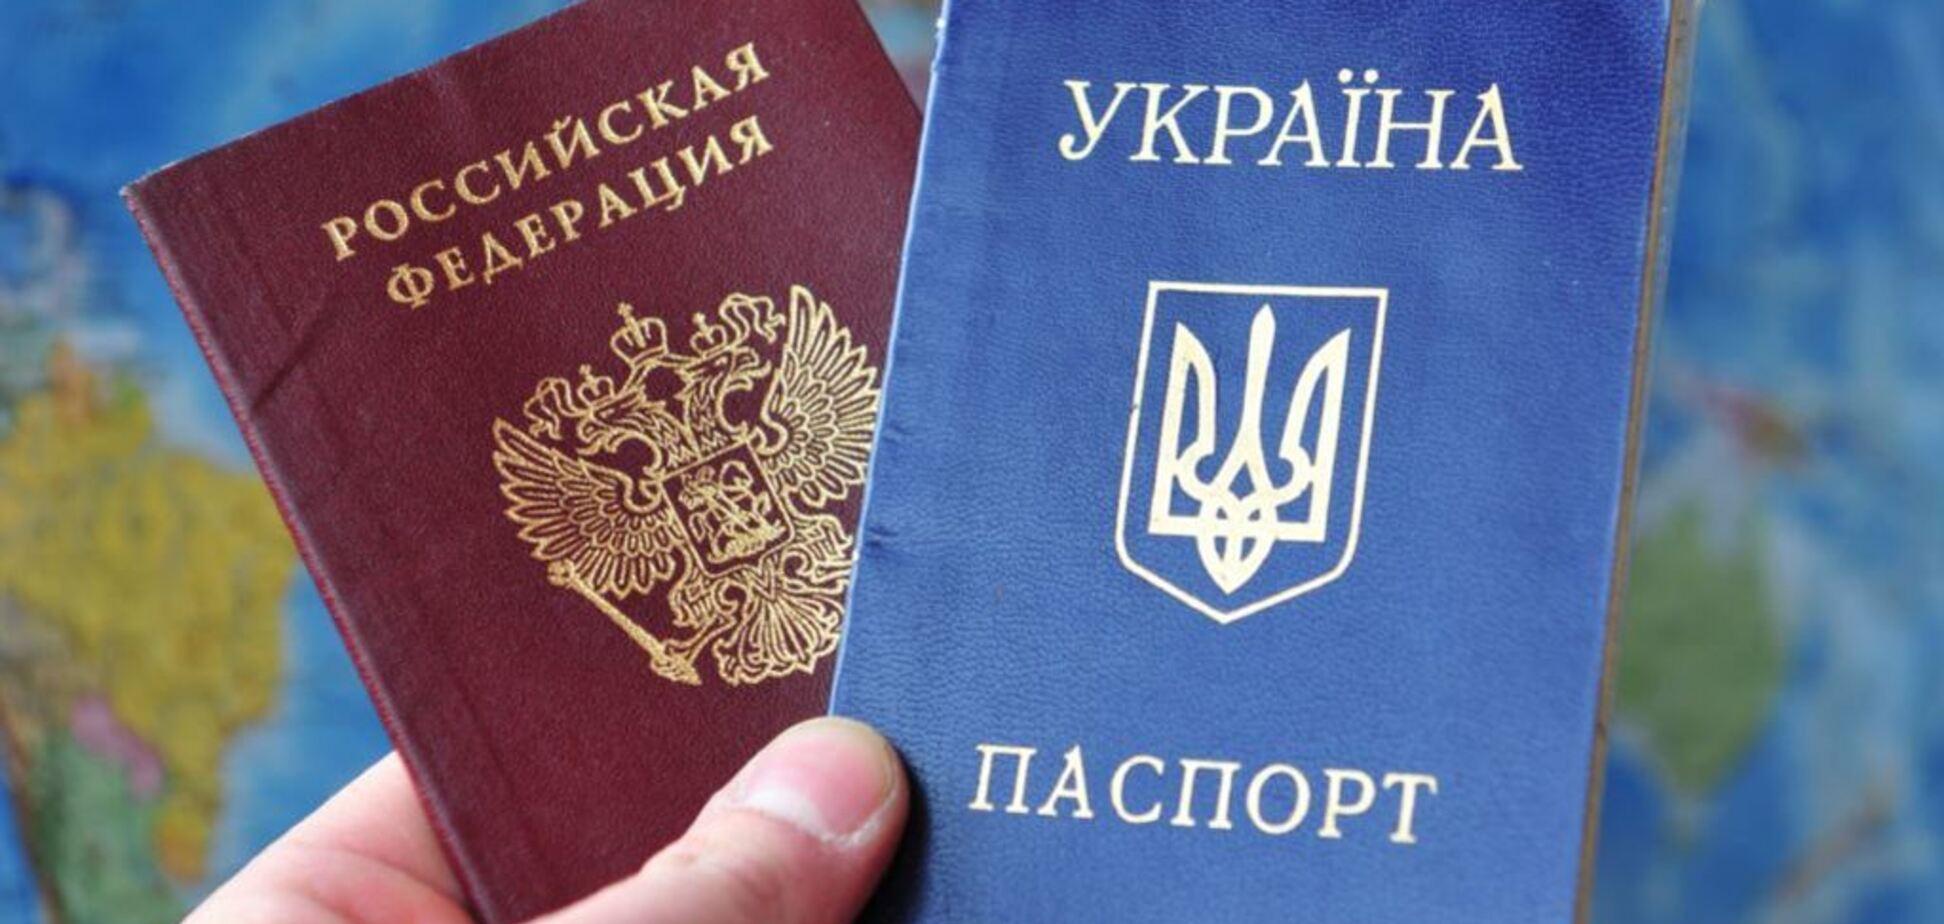 Двойное гражданство в Украине: названо главное препятствие